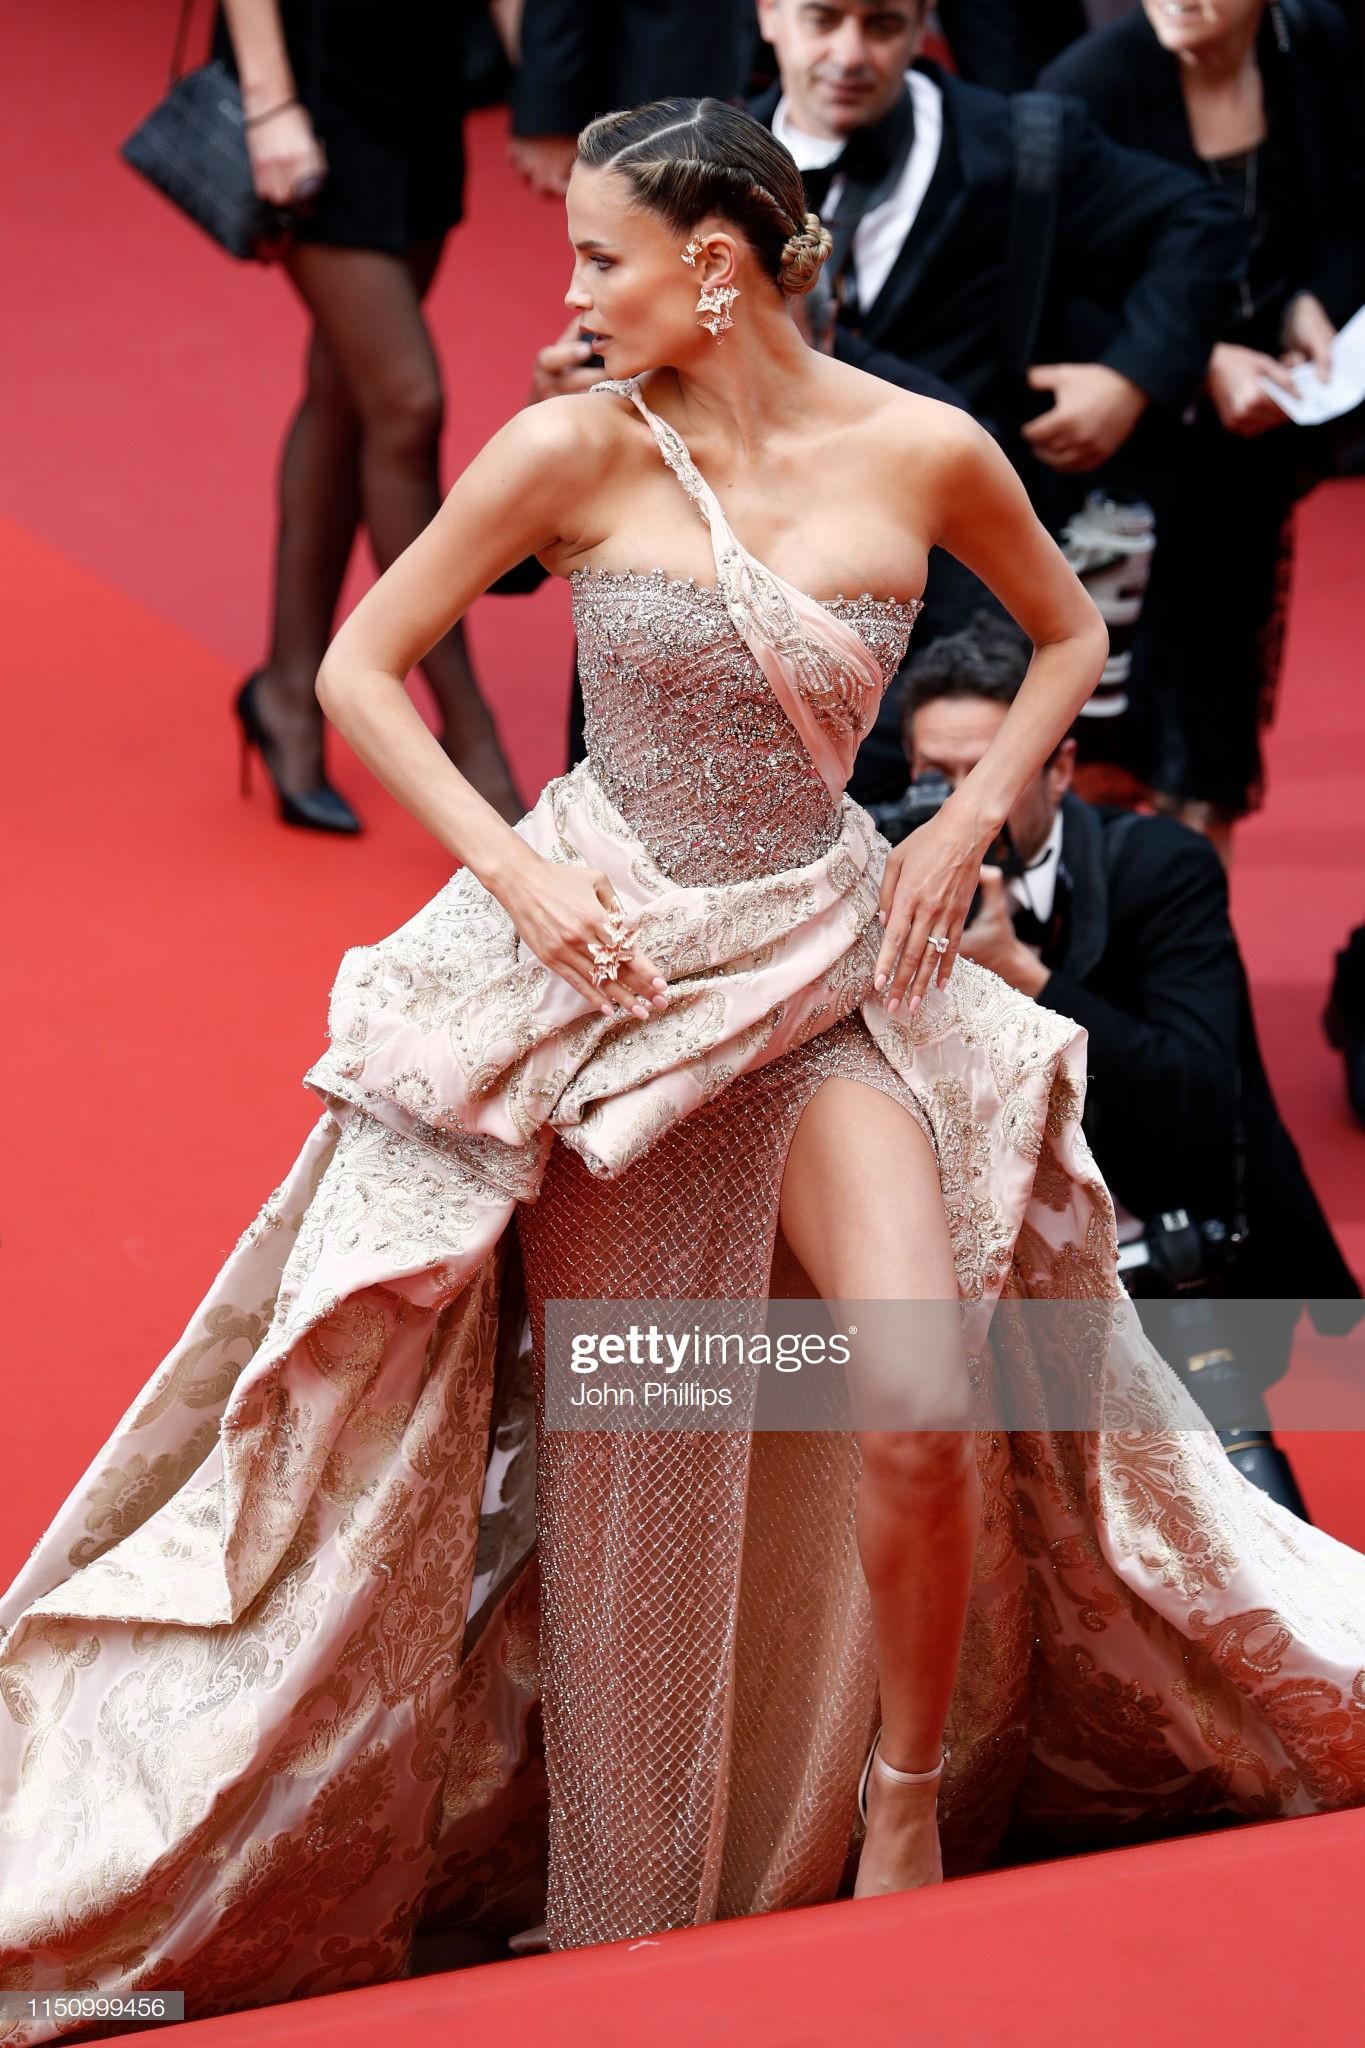 Cannes ngày 8: Mỹ nhân Ý khoe vòng 1 nhức mắt, dàn người mẫu Hollywood tung chiêu hết cỡ tại thảm đỏ - Ảnh 12.